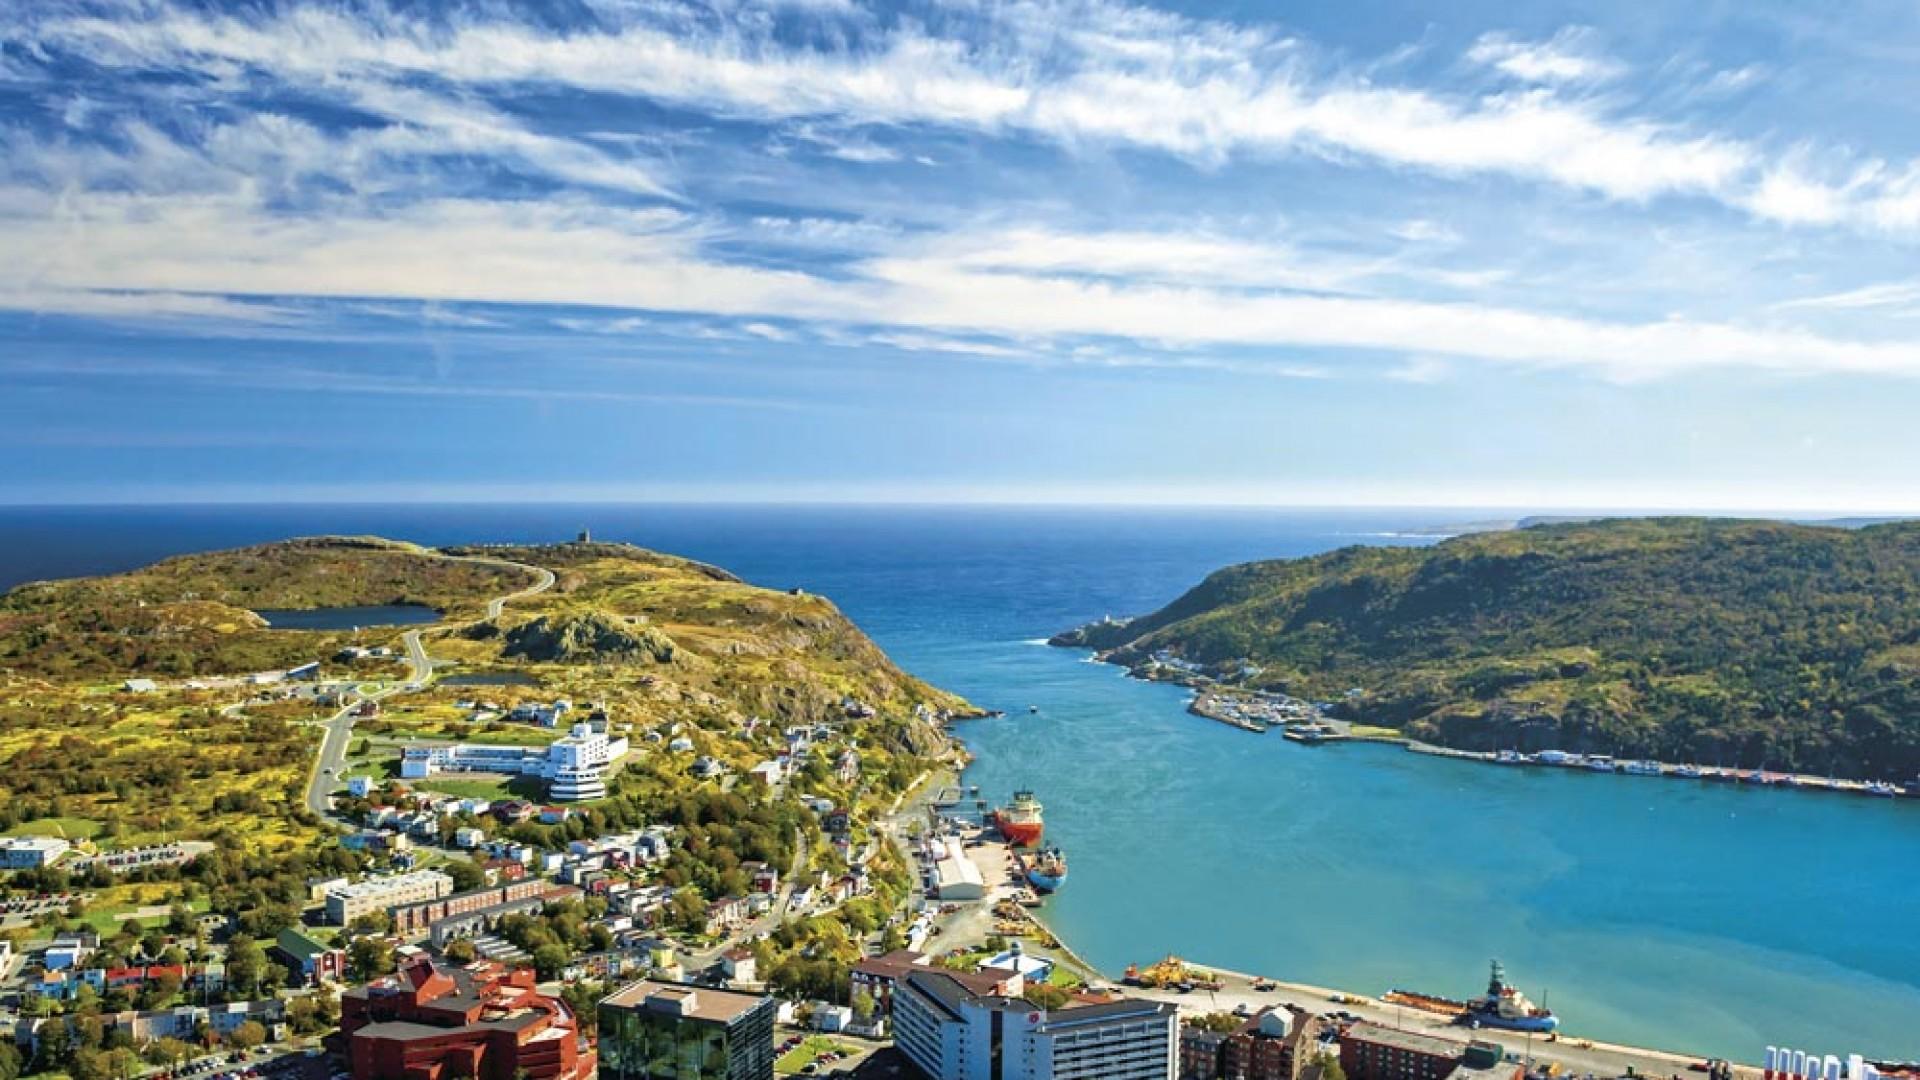 Aerial view of St. John's Newfoundland and Labrador, Canada